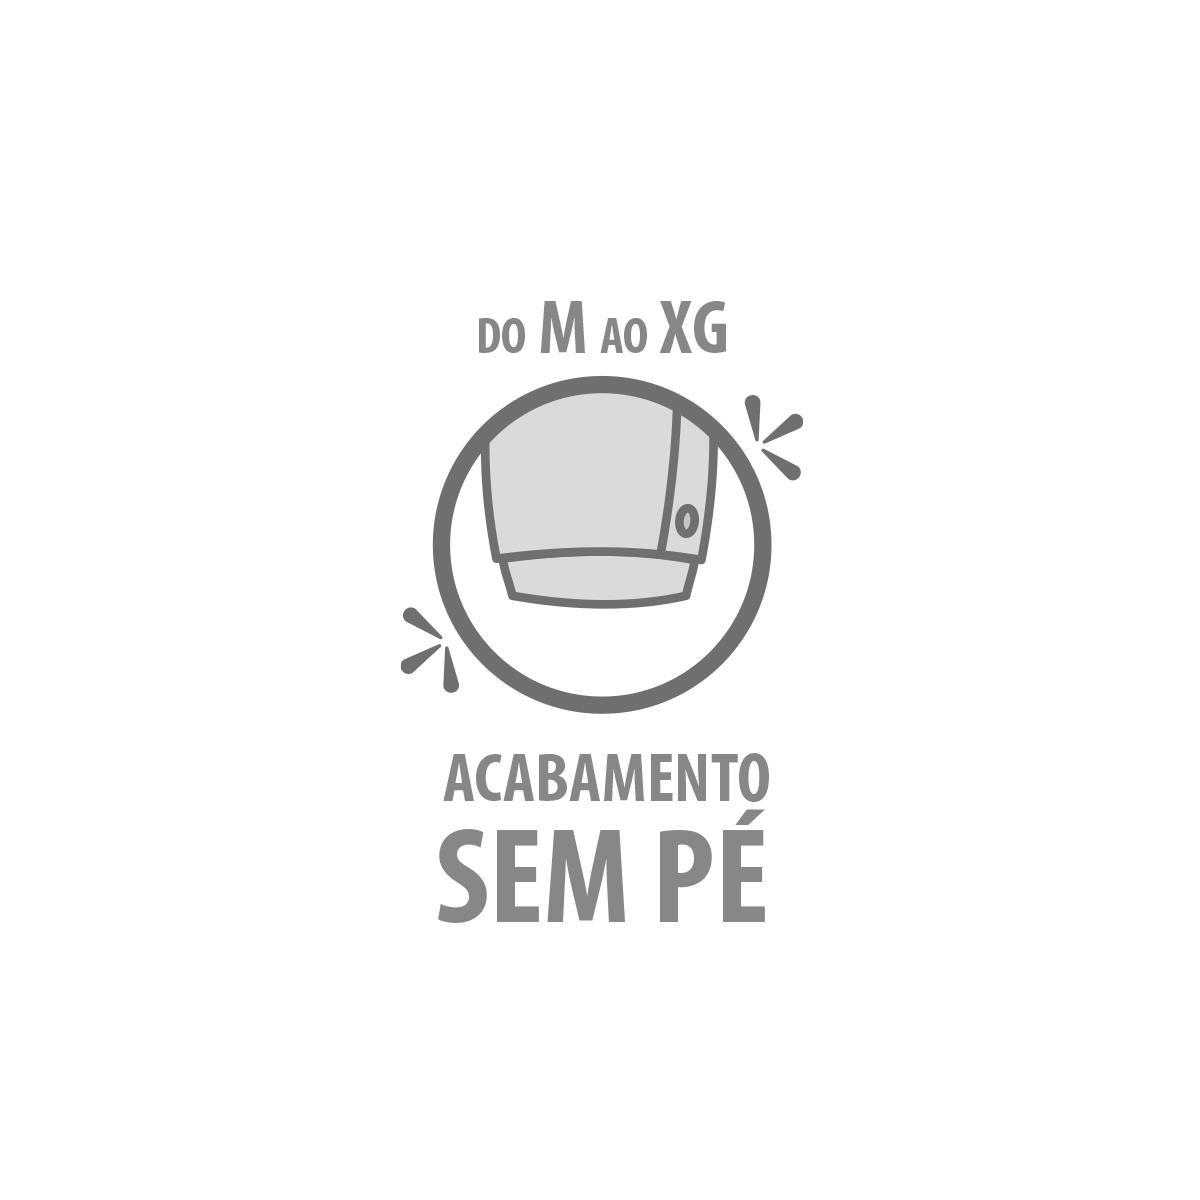 Macacão Básico Ursinho Amarelo - Tamanhos RN e P com pezinho; M, G e XG sem pezinho  - Piu Blu